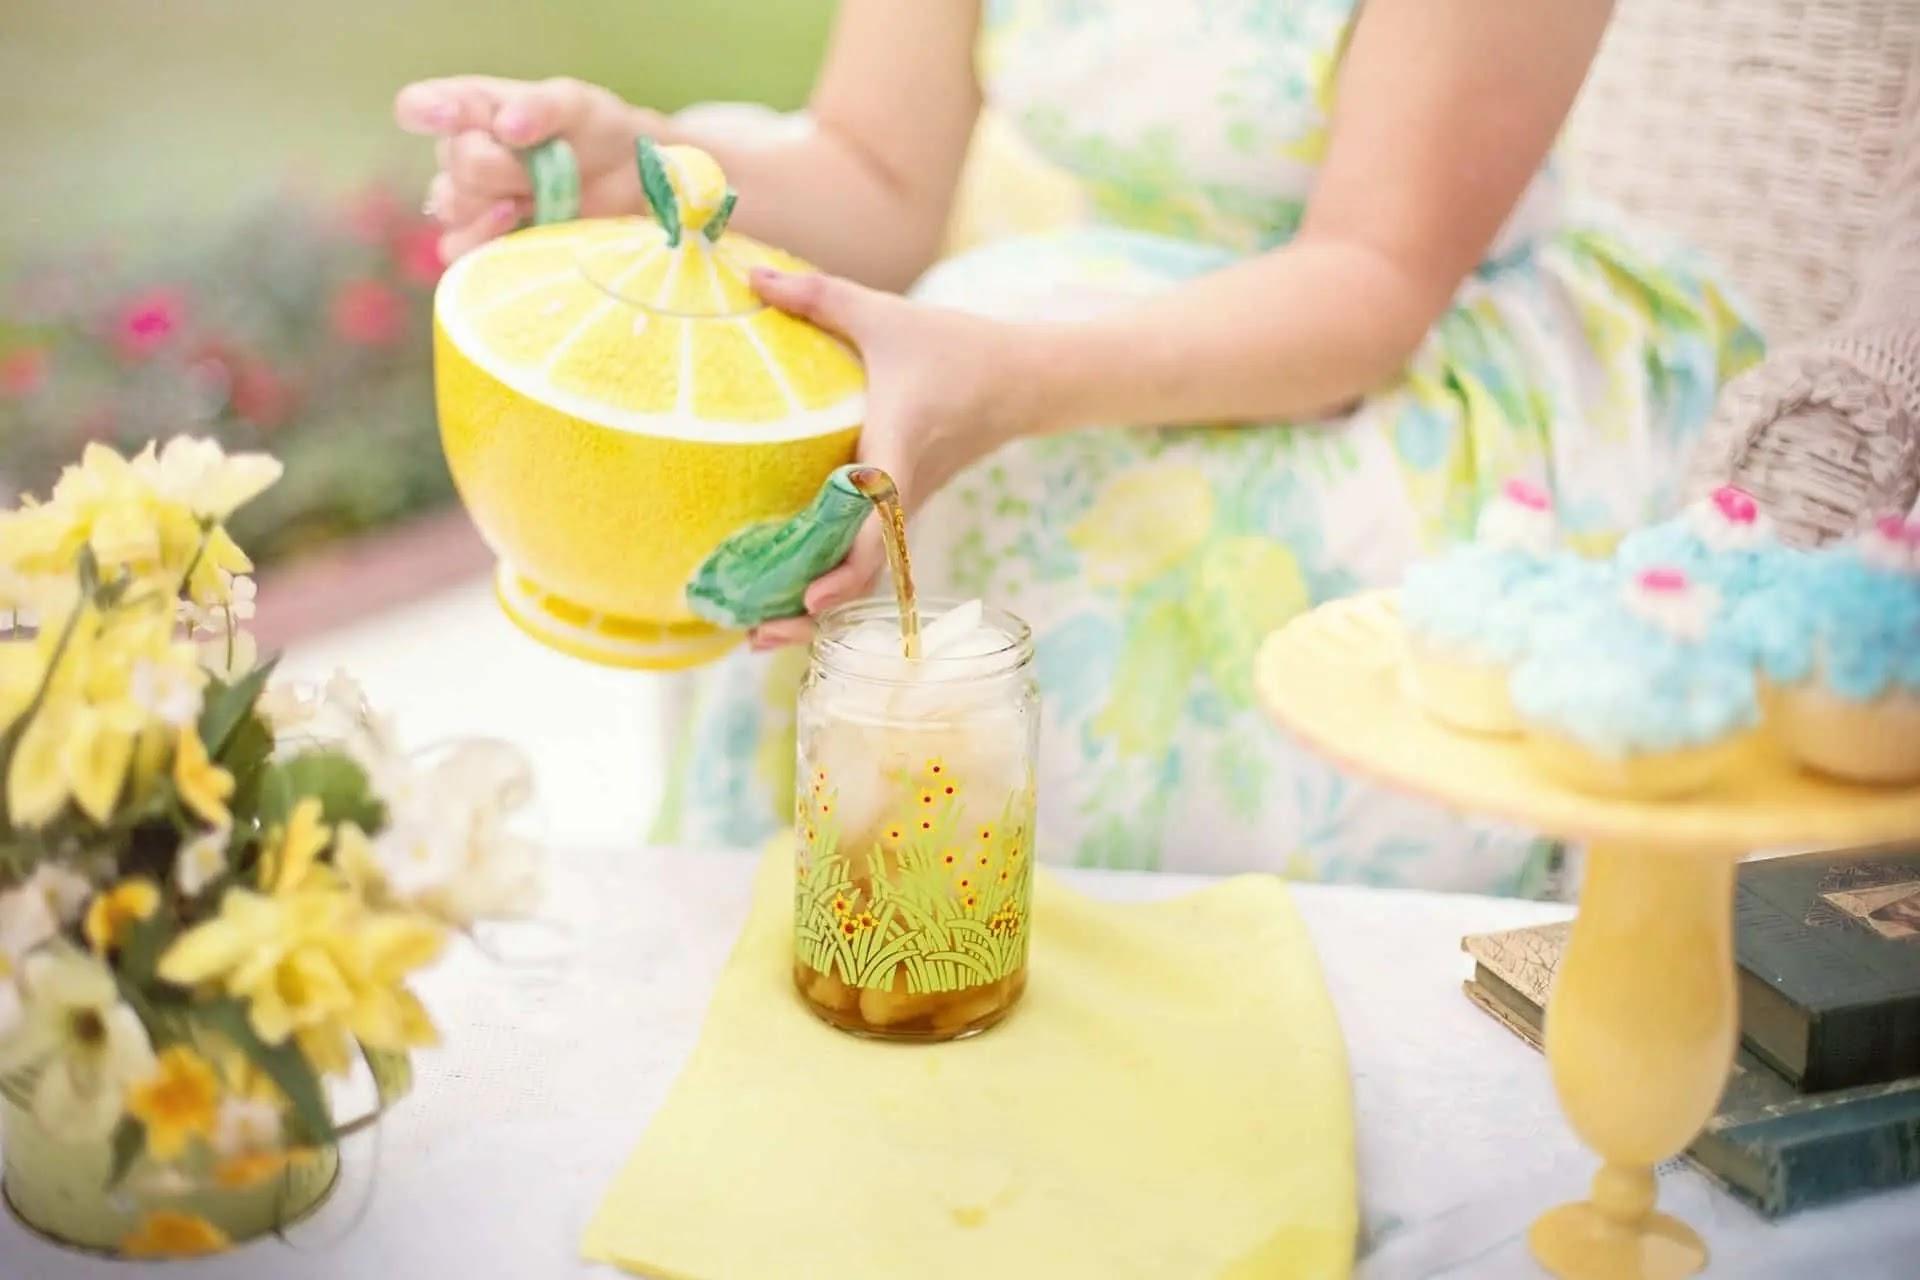 فوائد الليمون للتخسيس وانقاص الوزن بسرعة مذهلة